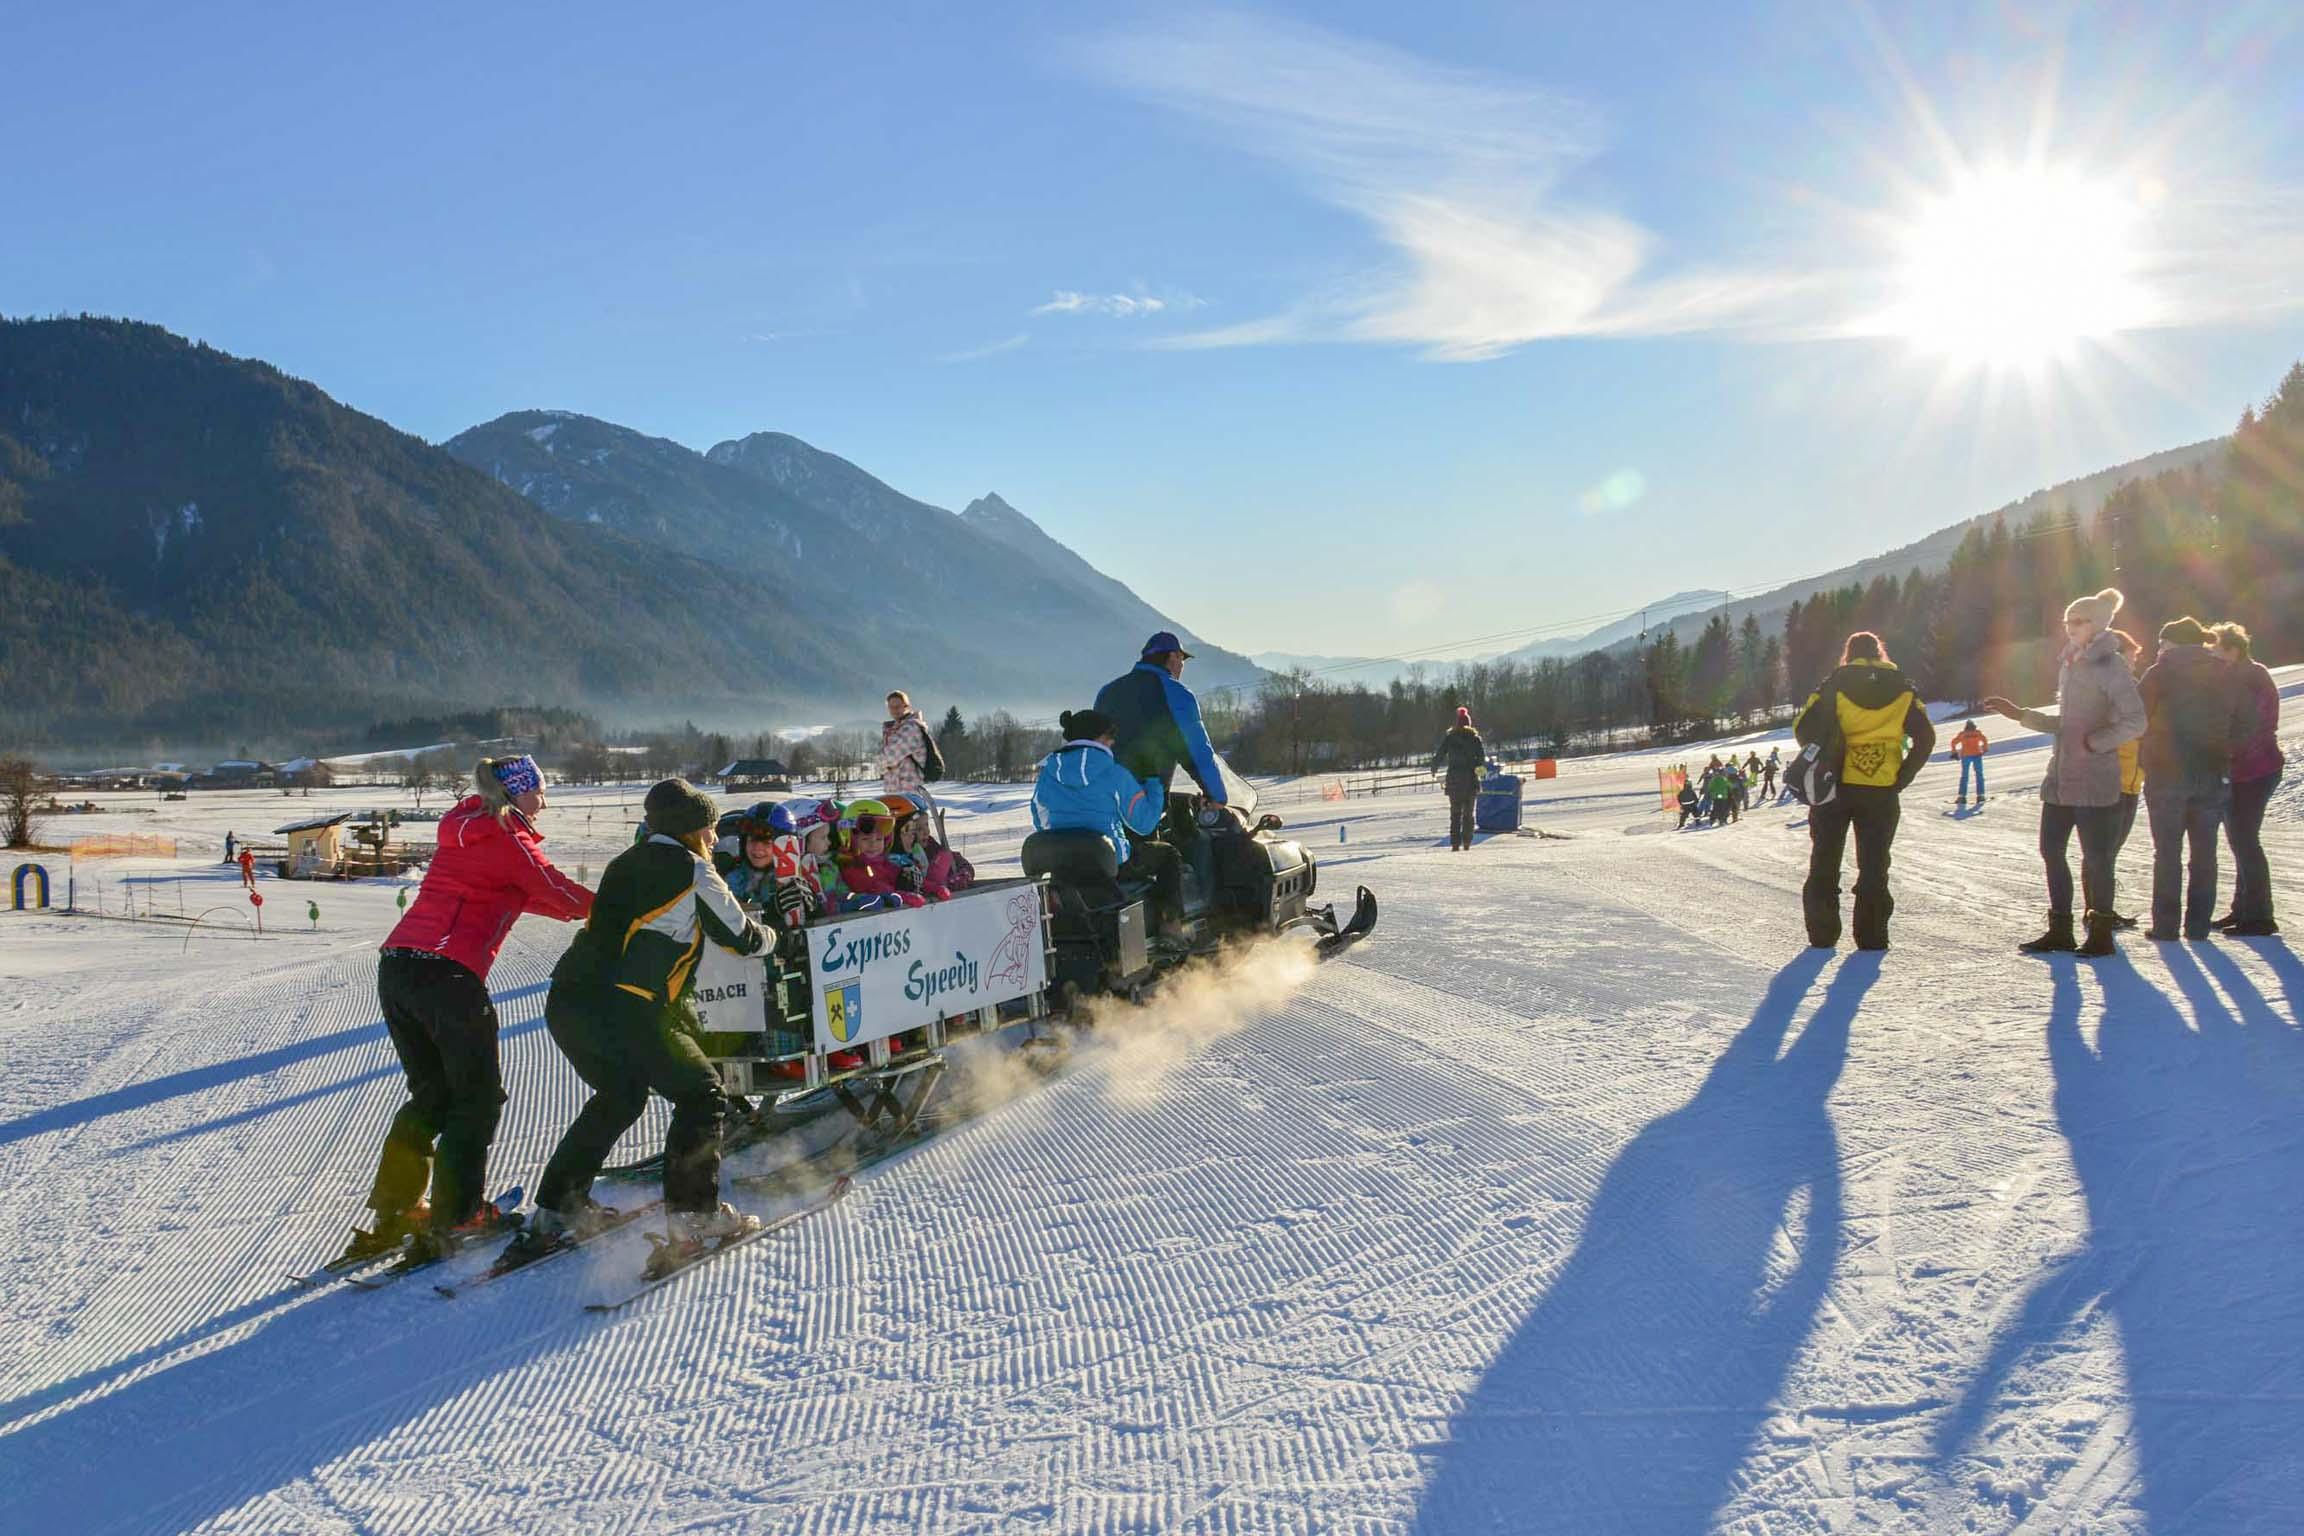 Skischule Flaschberger in Weissbriach